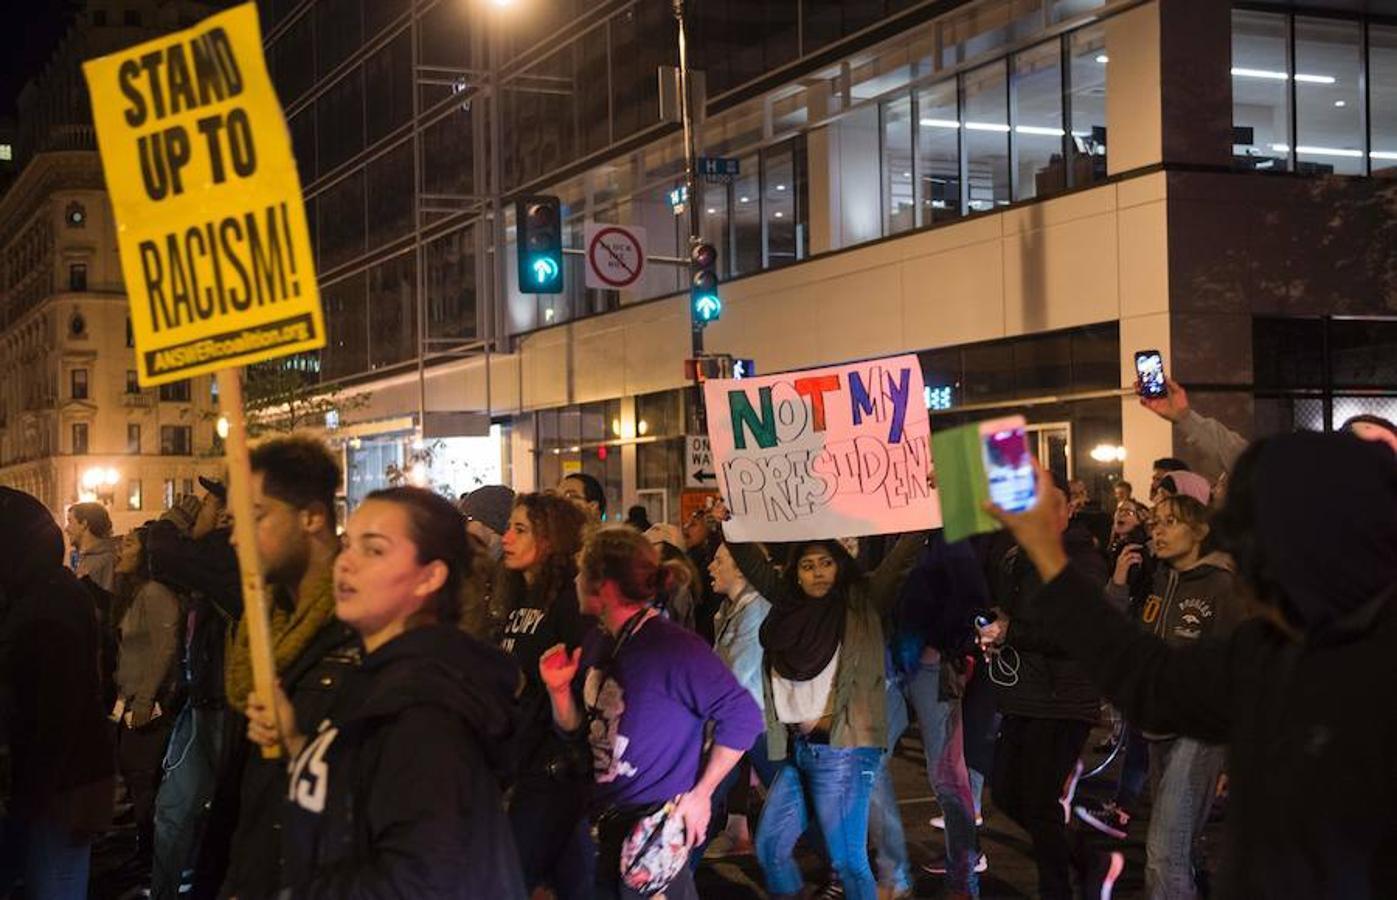 Washington también acoge protestas contra la elección del nuevo presidente de Estados Unidos